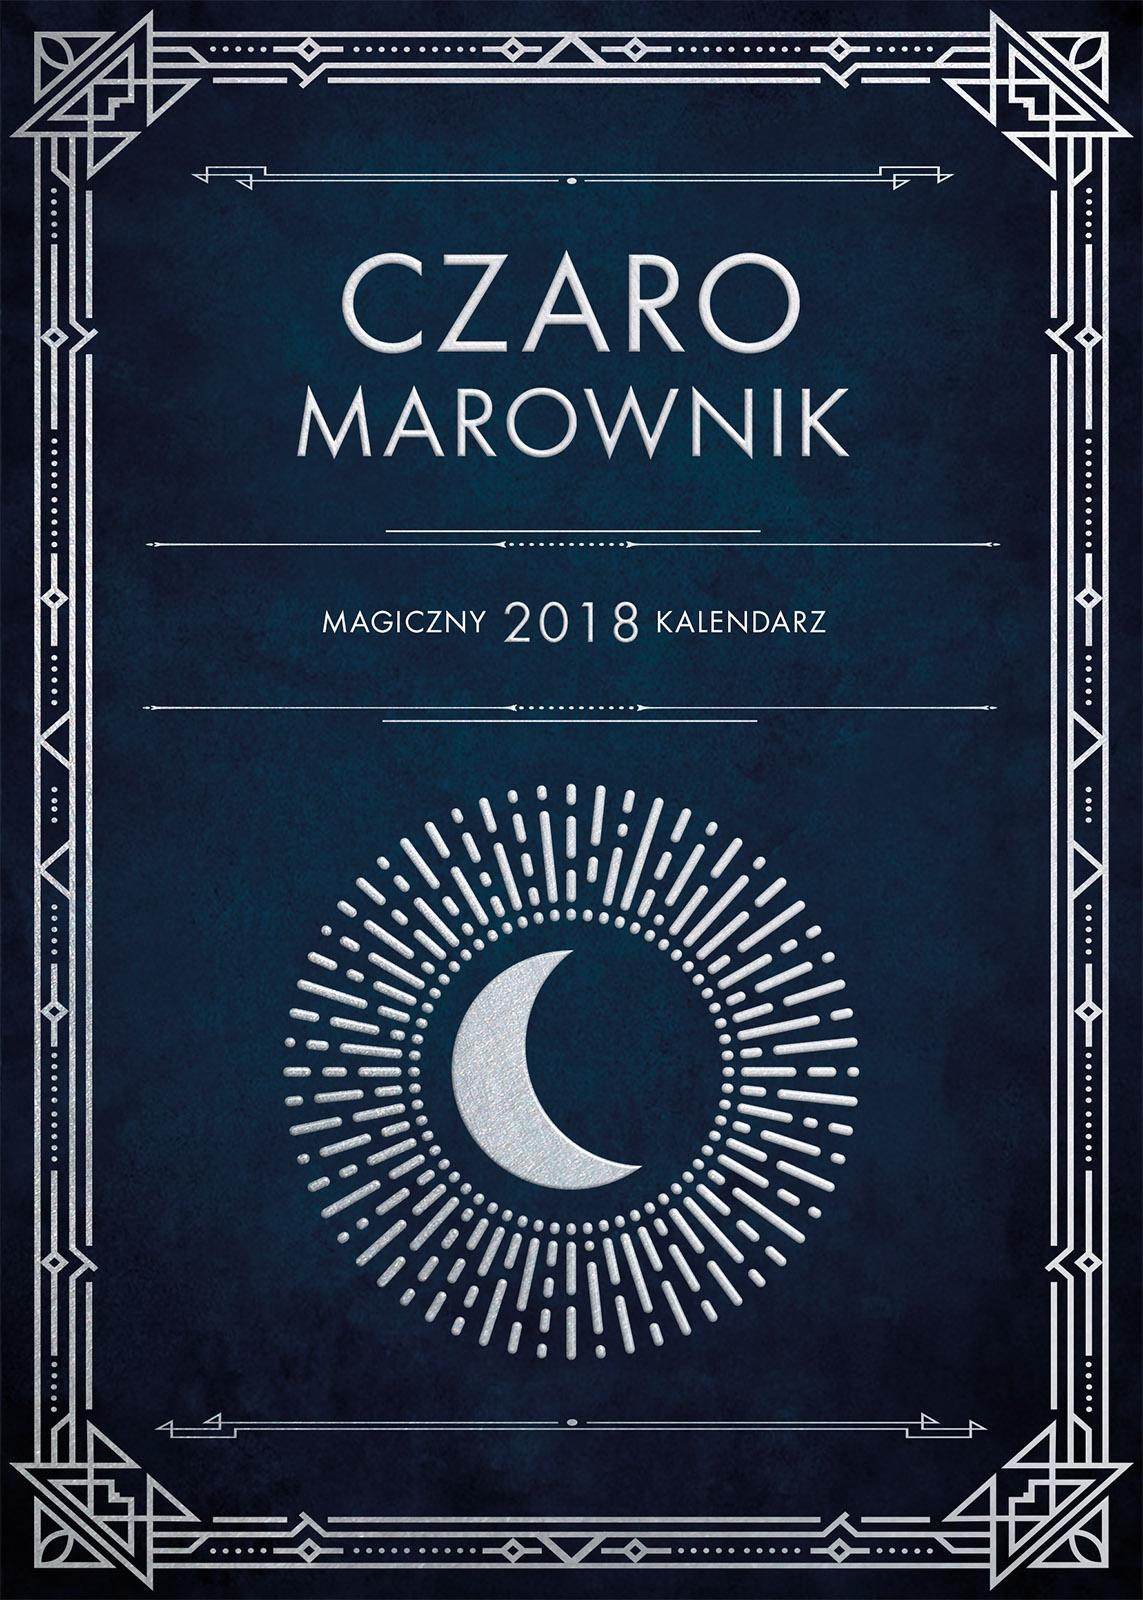 CzaroMarownik 2018_FRONT_RGB_72dpi